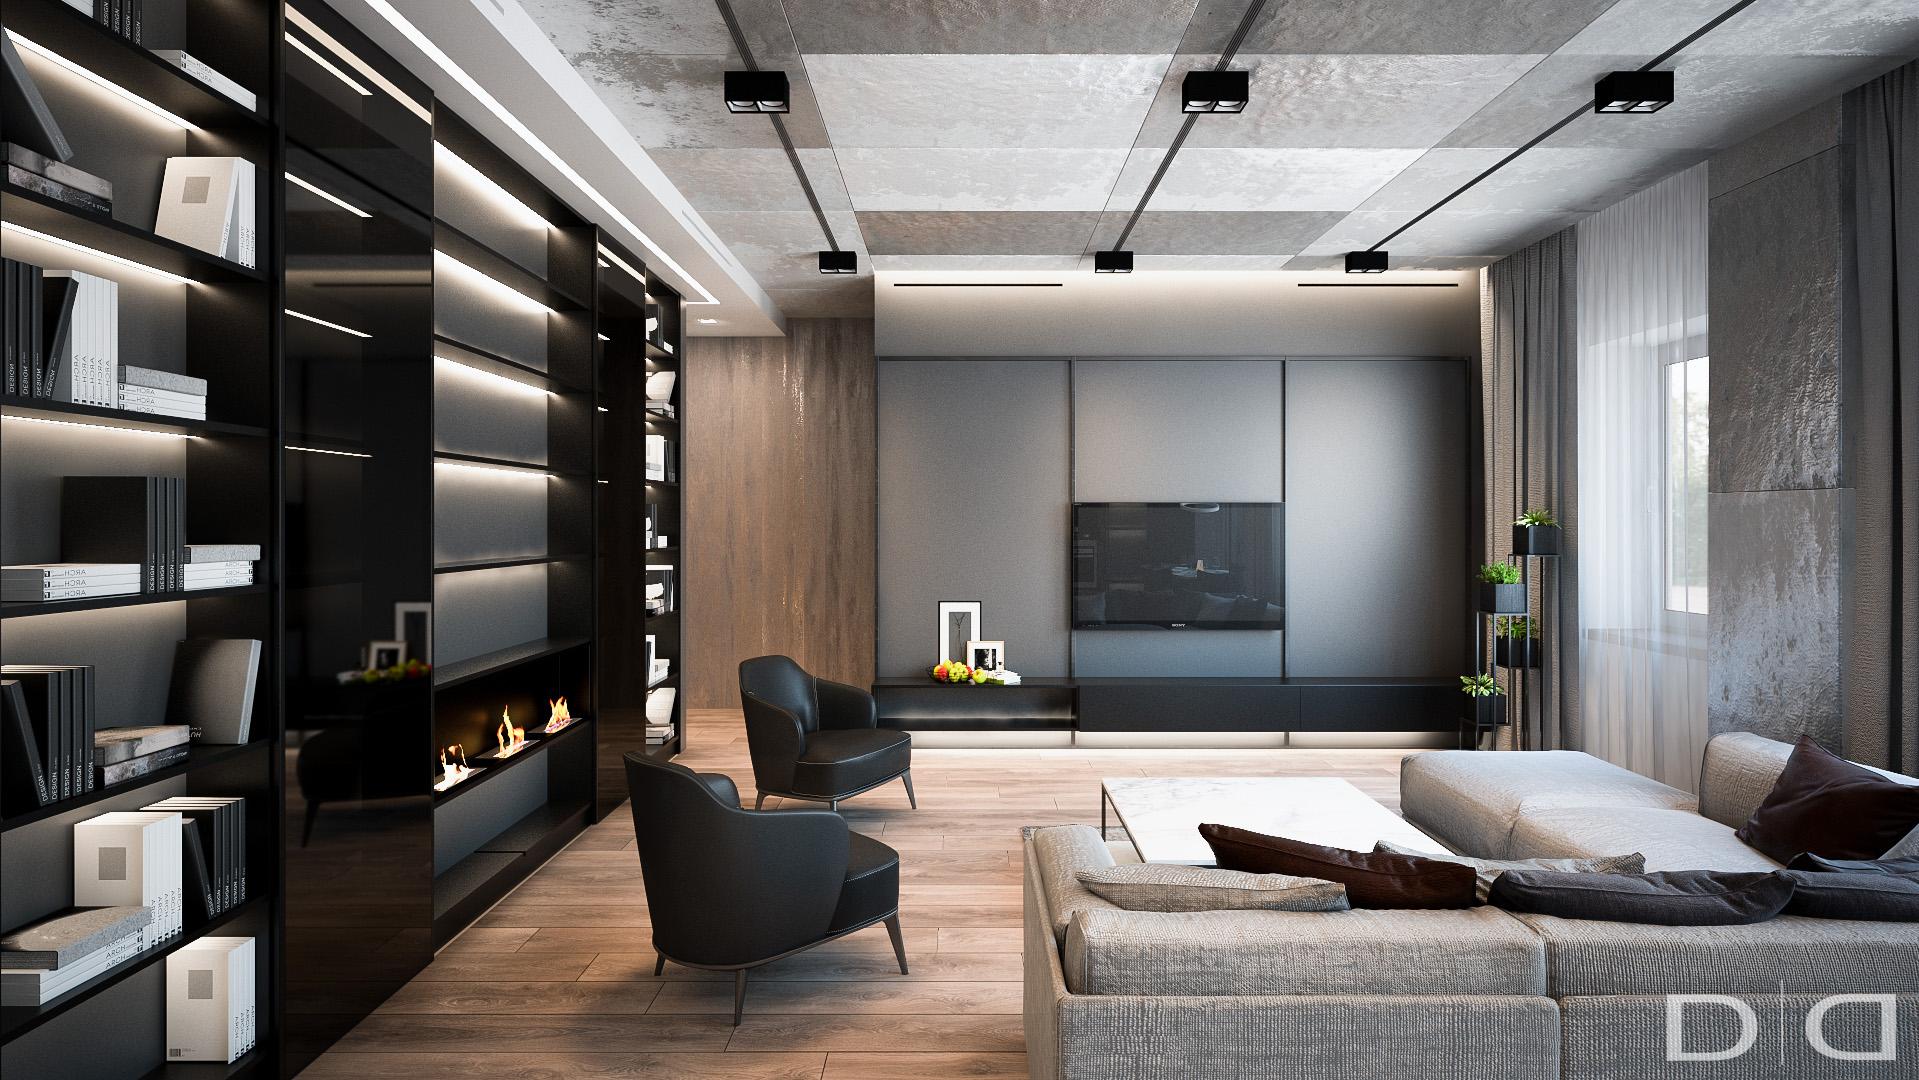 dd-interior_loft_studio_design_kvartir_minsk-0255-10